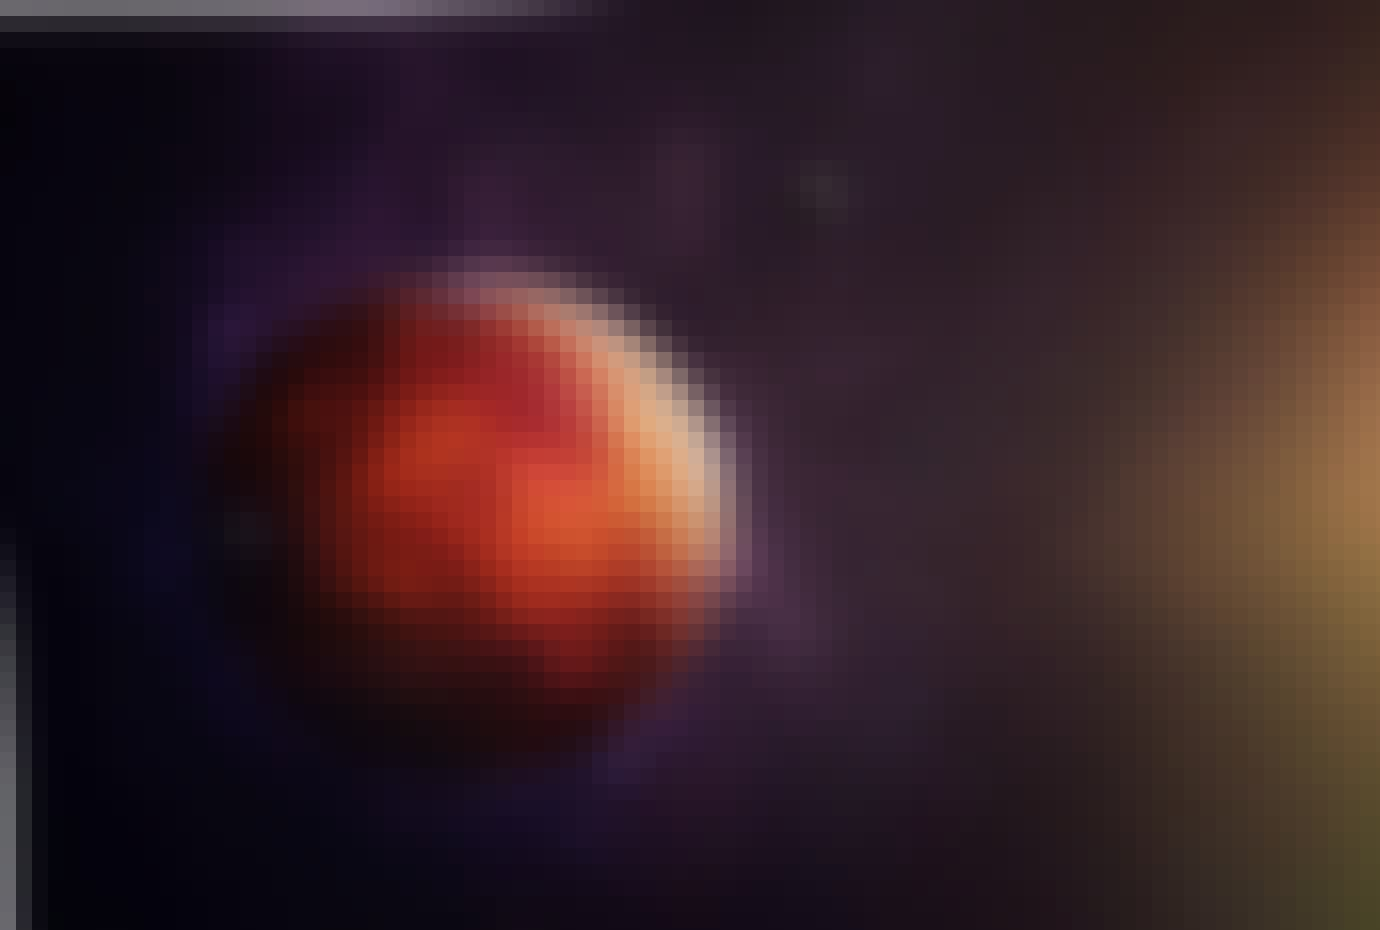 Planeten Mars